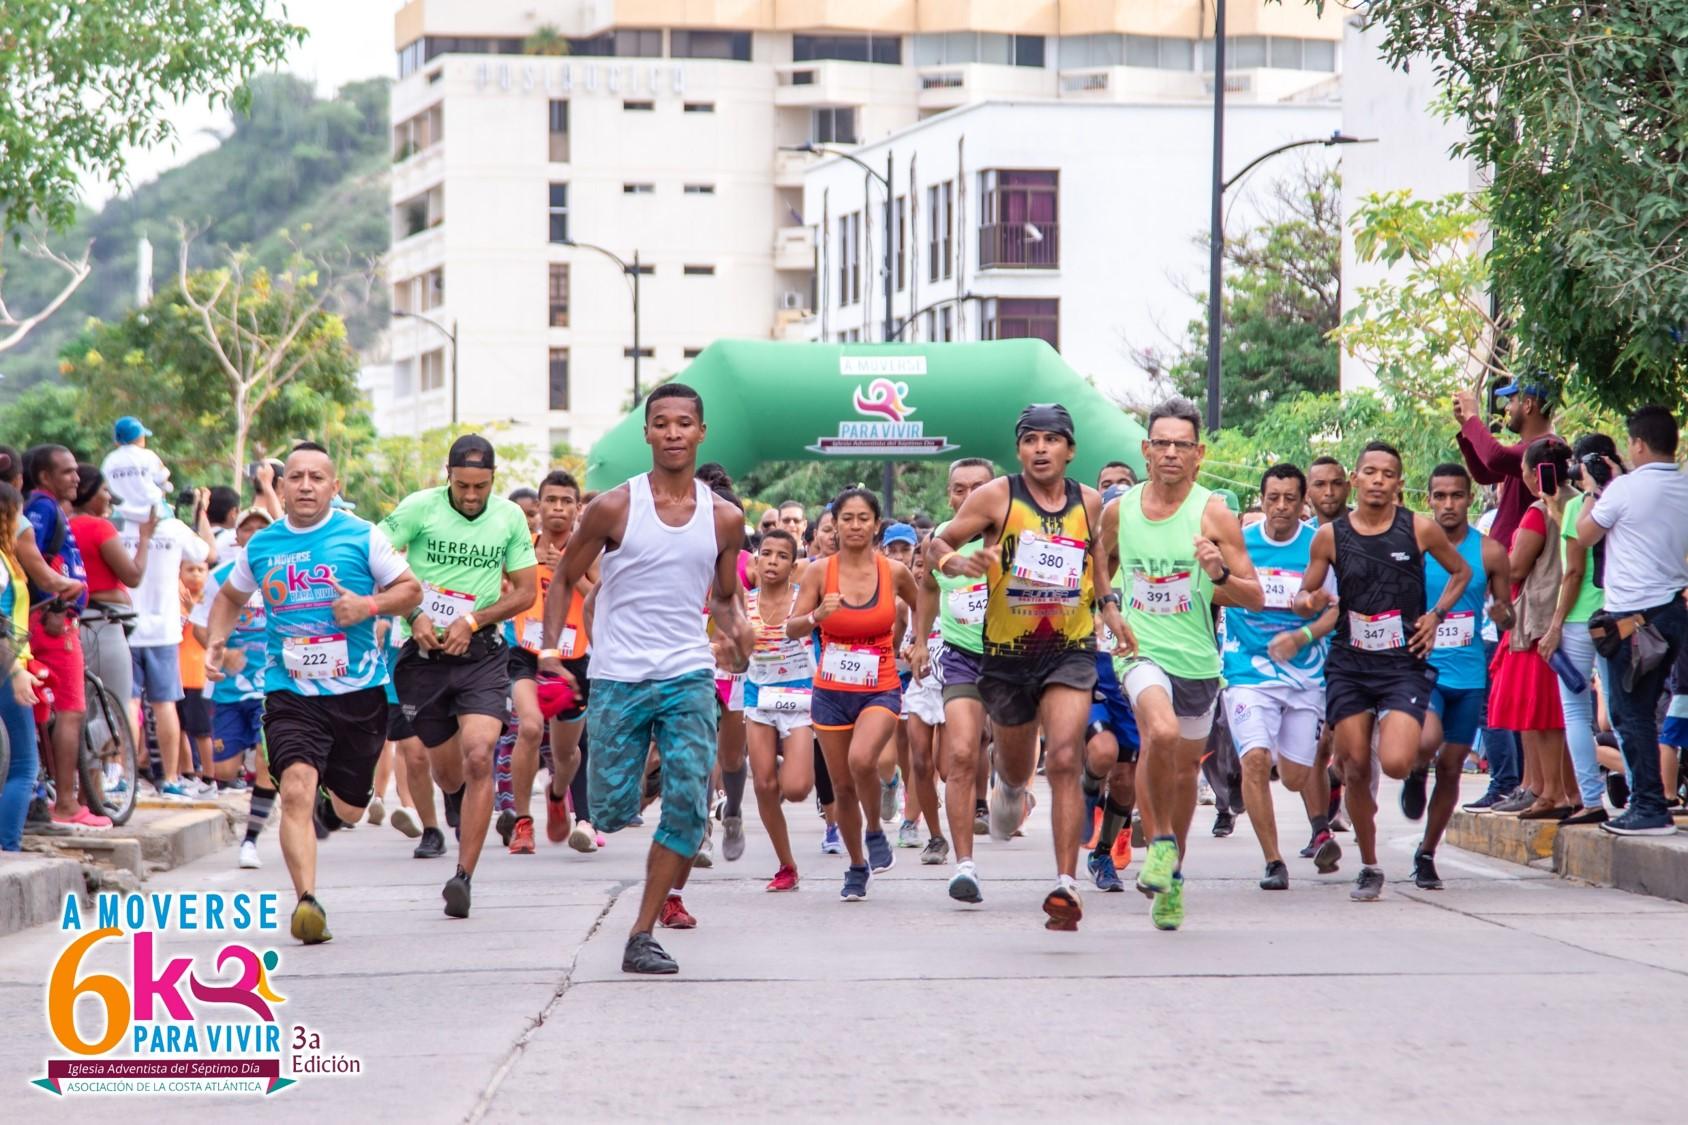 """La carrera atlética 6K """"Olimpiadas del mar"""" involucró a cientos de adventistas y amigos en Santa Marta"""